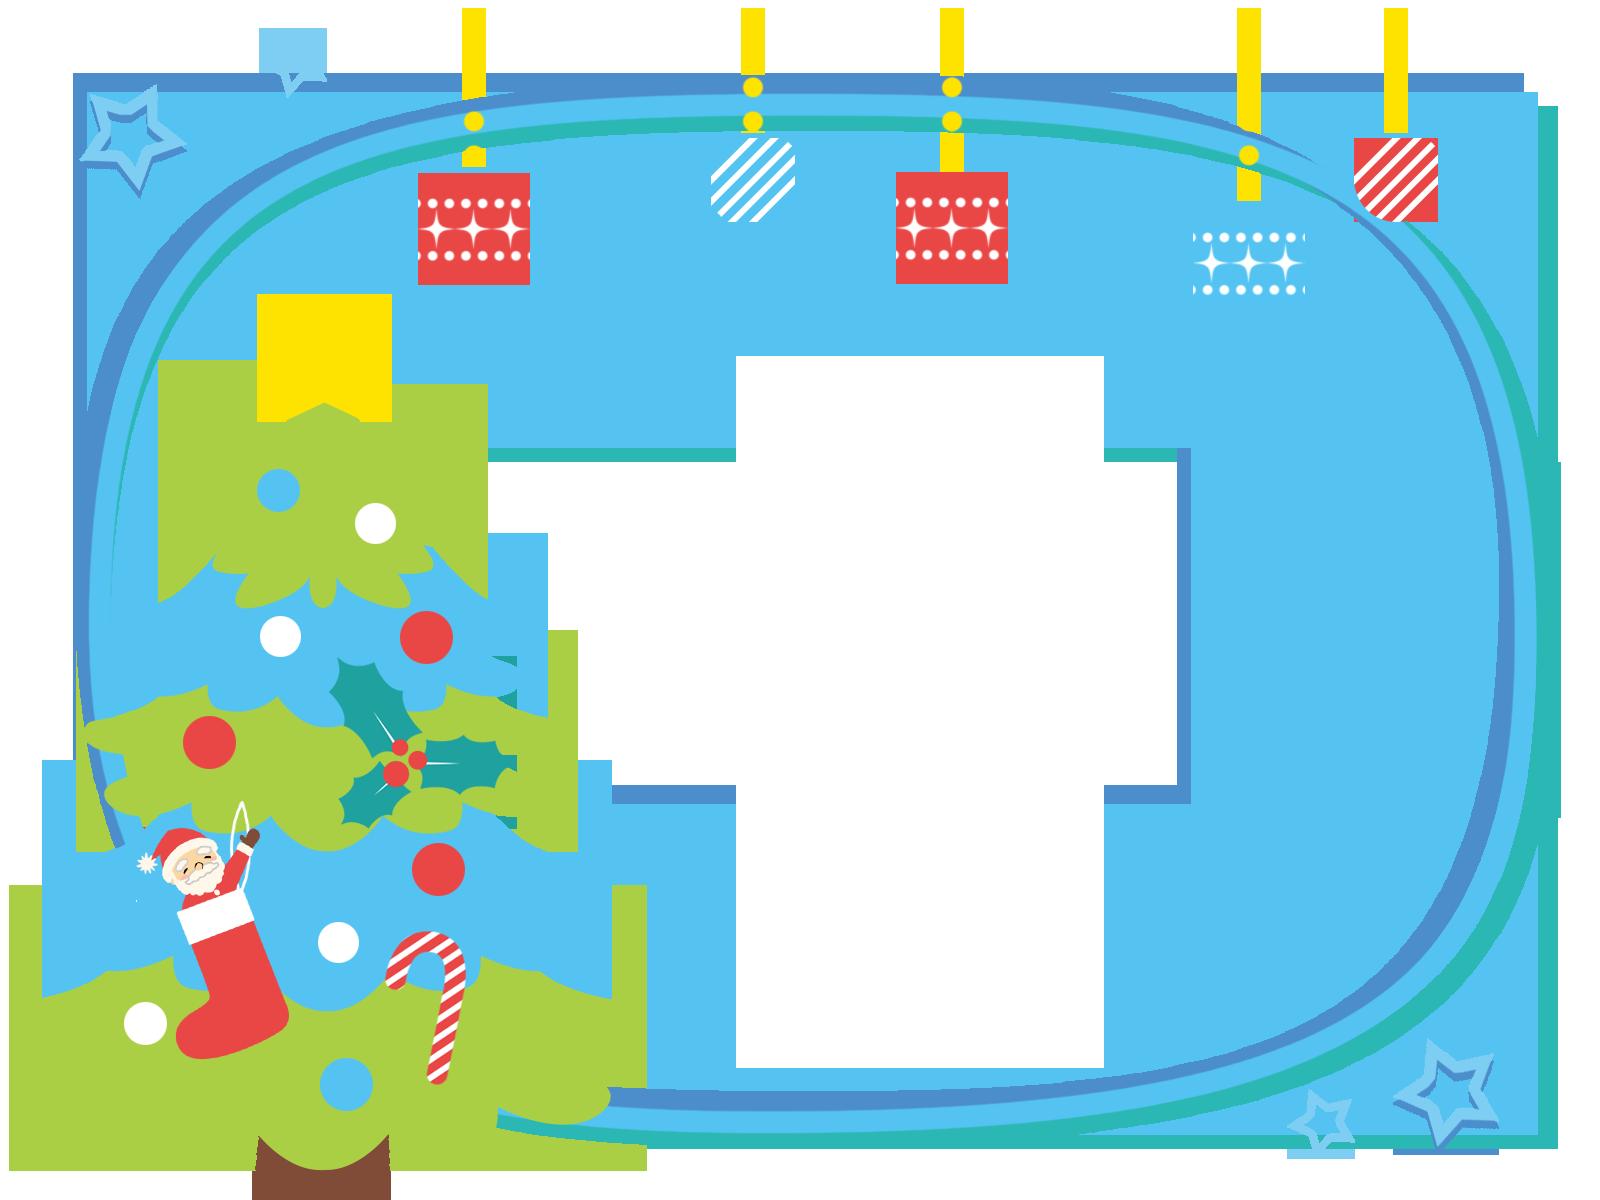 クリスマスのフレーム背景枠イラスト画像素材(フリー、無料)